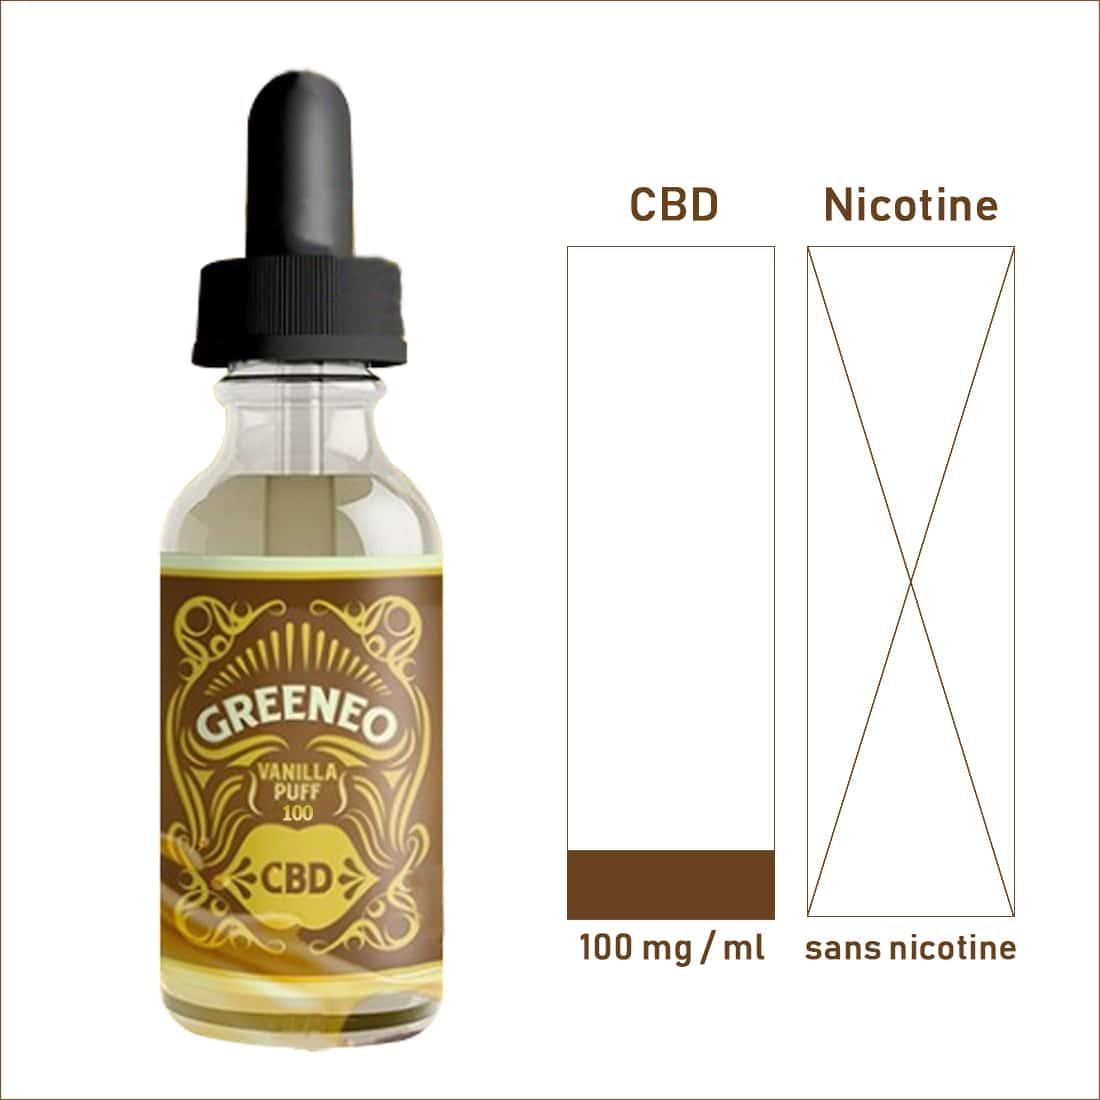 Photo #1 de CBD E liquide Greeneo Vanilla Puff 100mg